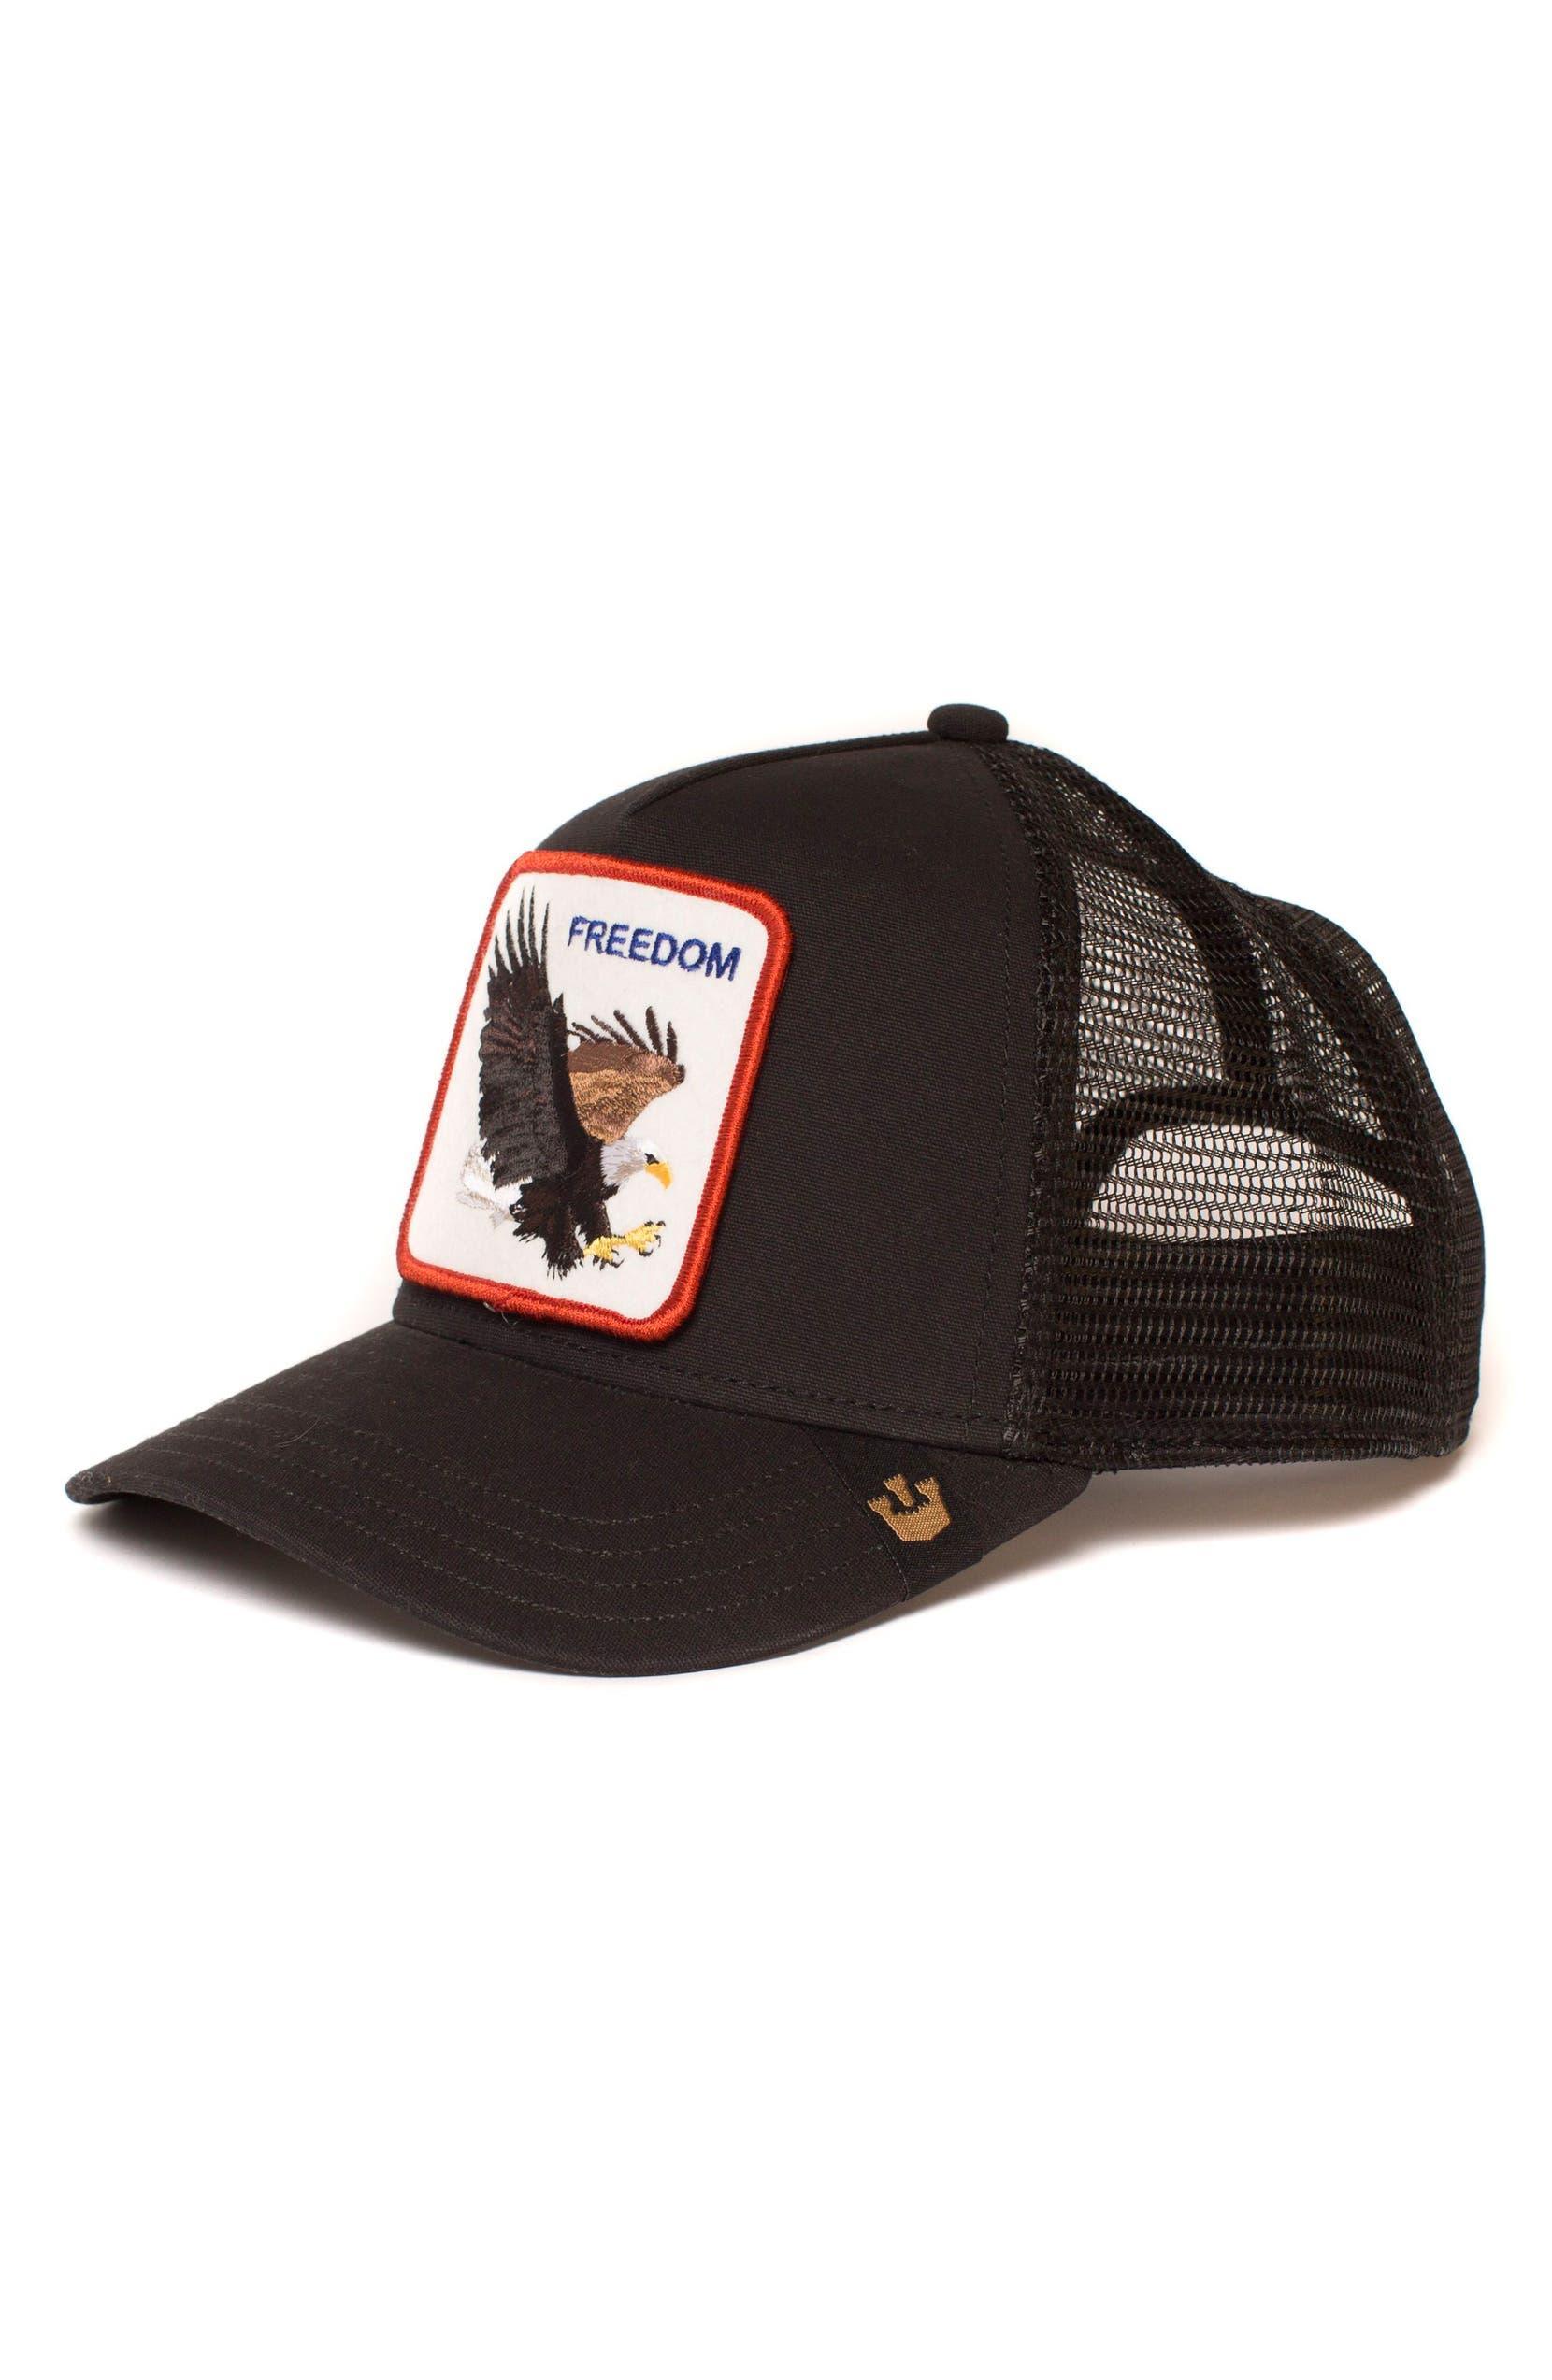 Goorin Brothers Freedom Trucker Hat  a591bc8db050